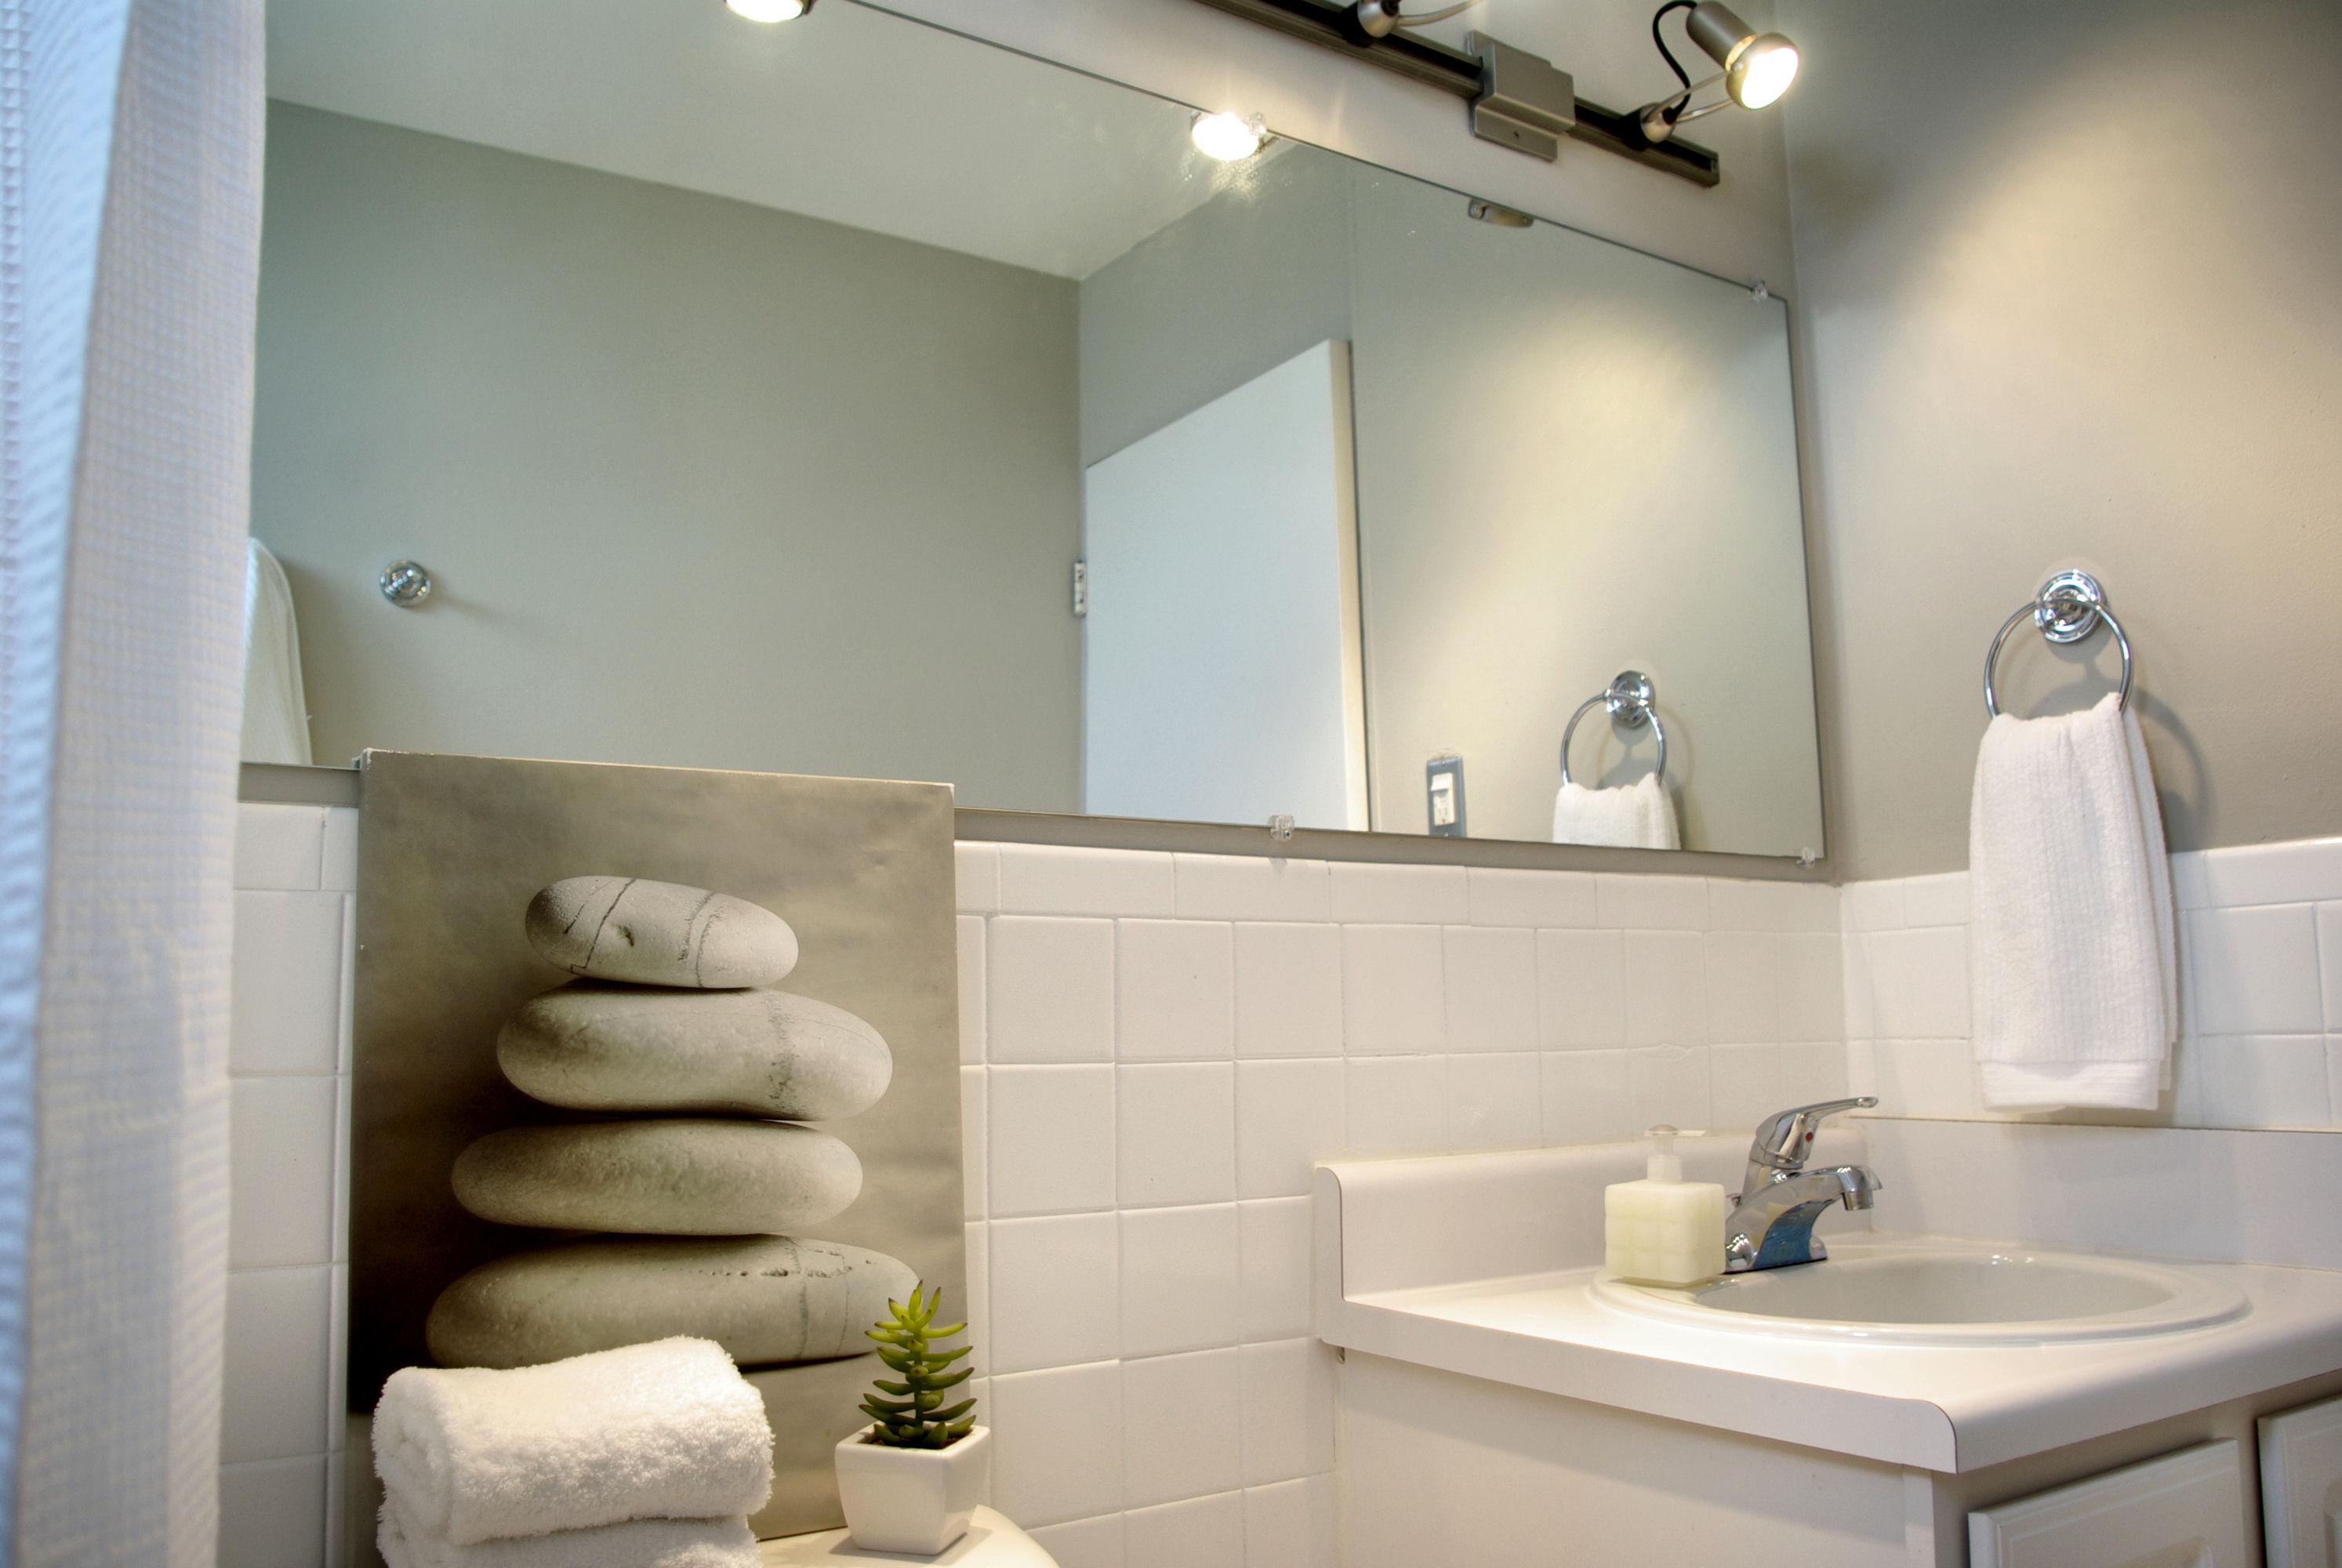 Bagno Lungo E Stretto : Idee bagno lungo e stretto awesome immagine with idee bagno lungo